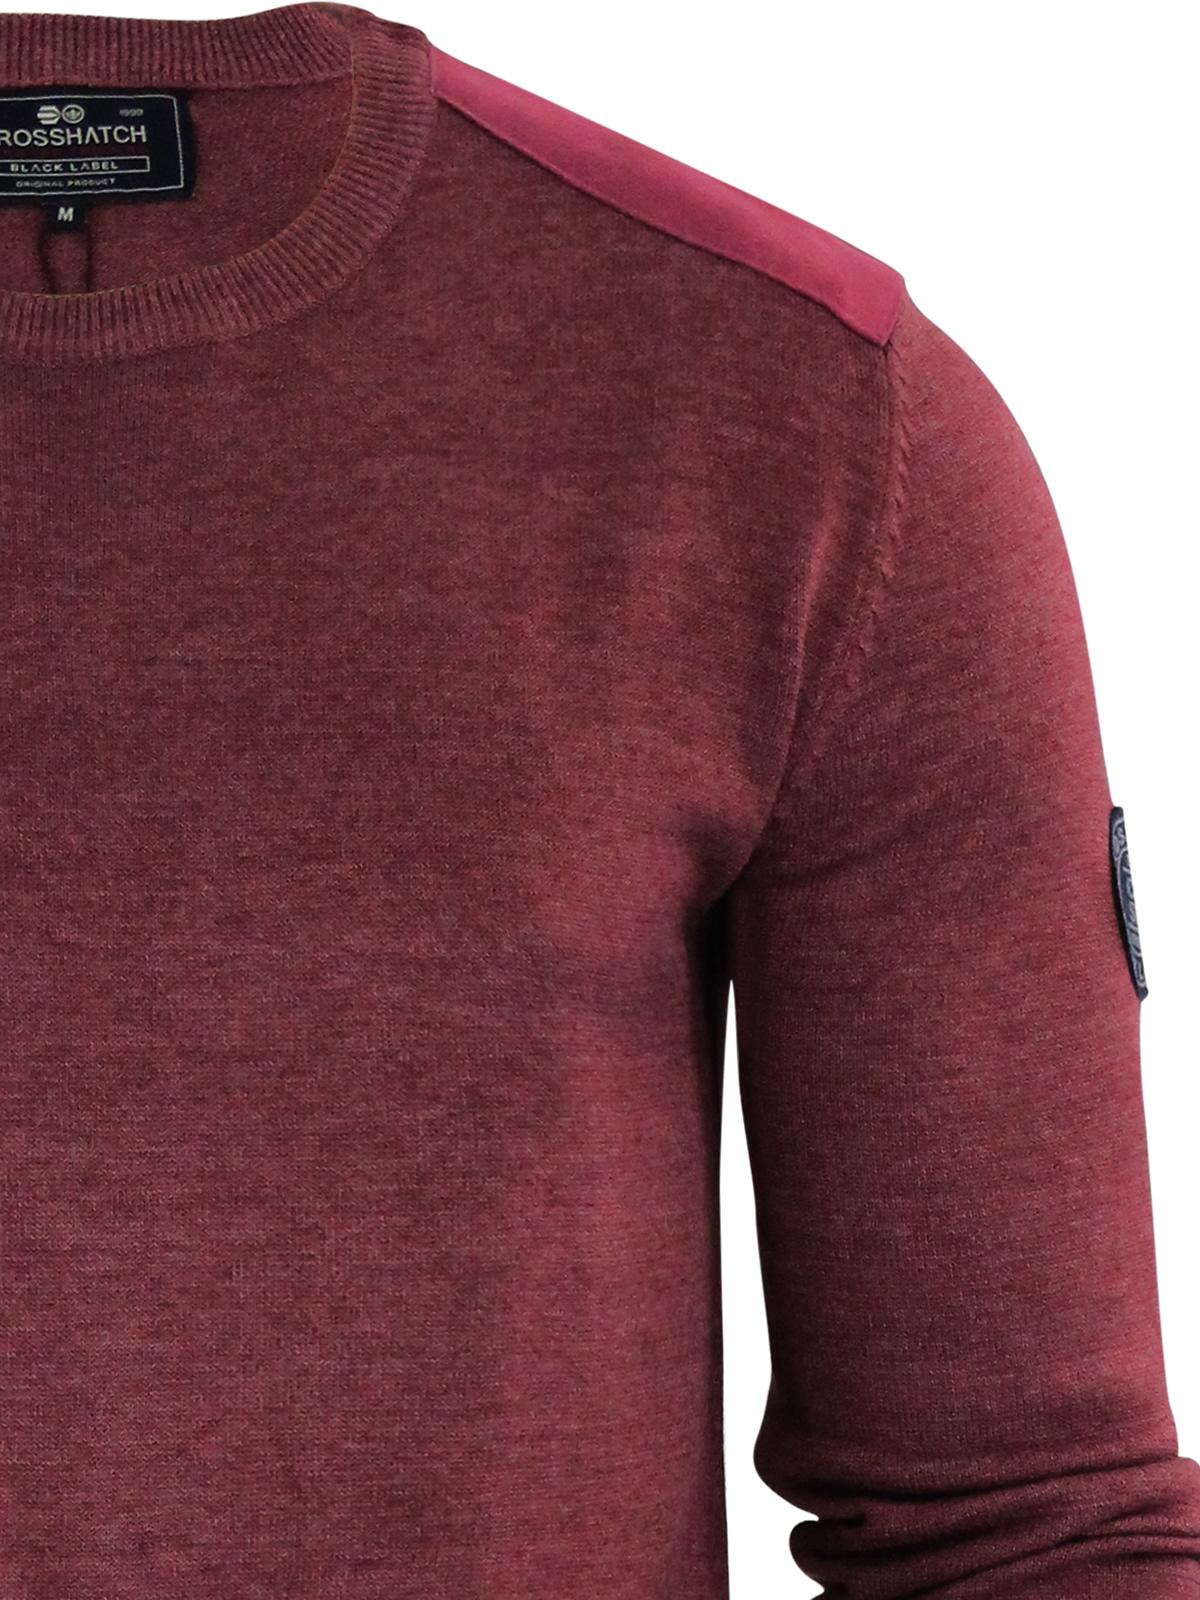 herren-pullover-crosshatch-barrowell-rundhals-strickpullover Indexbild 13